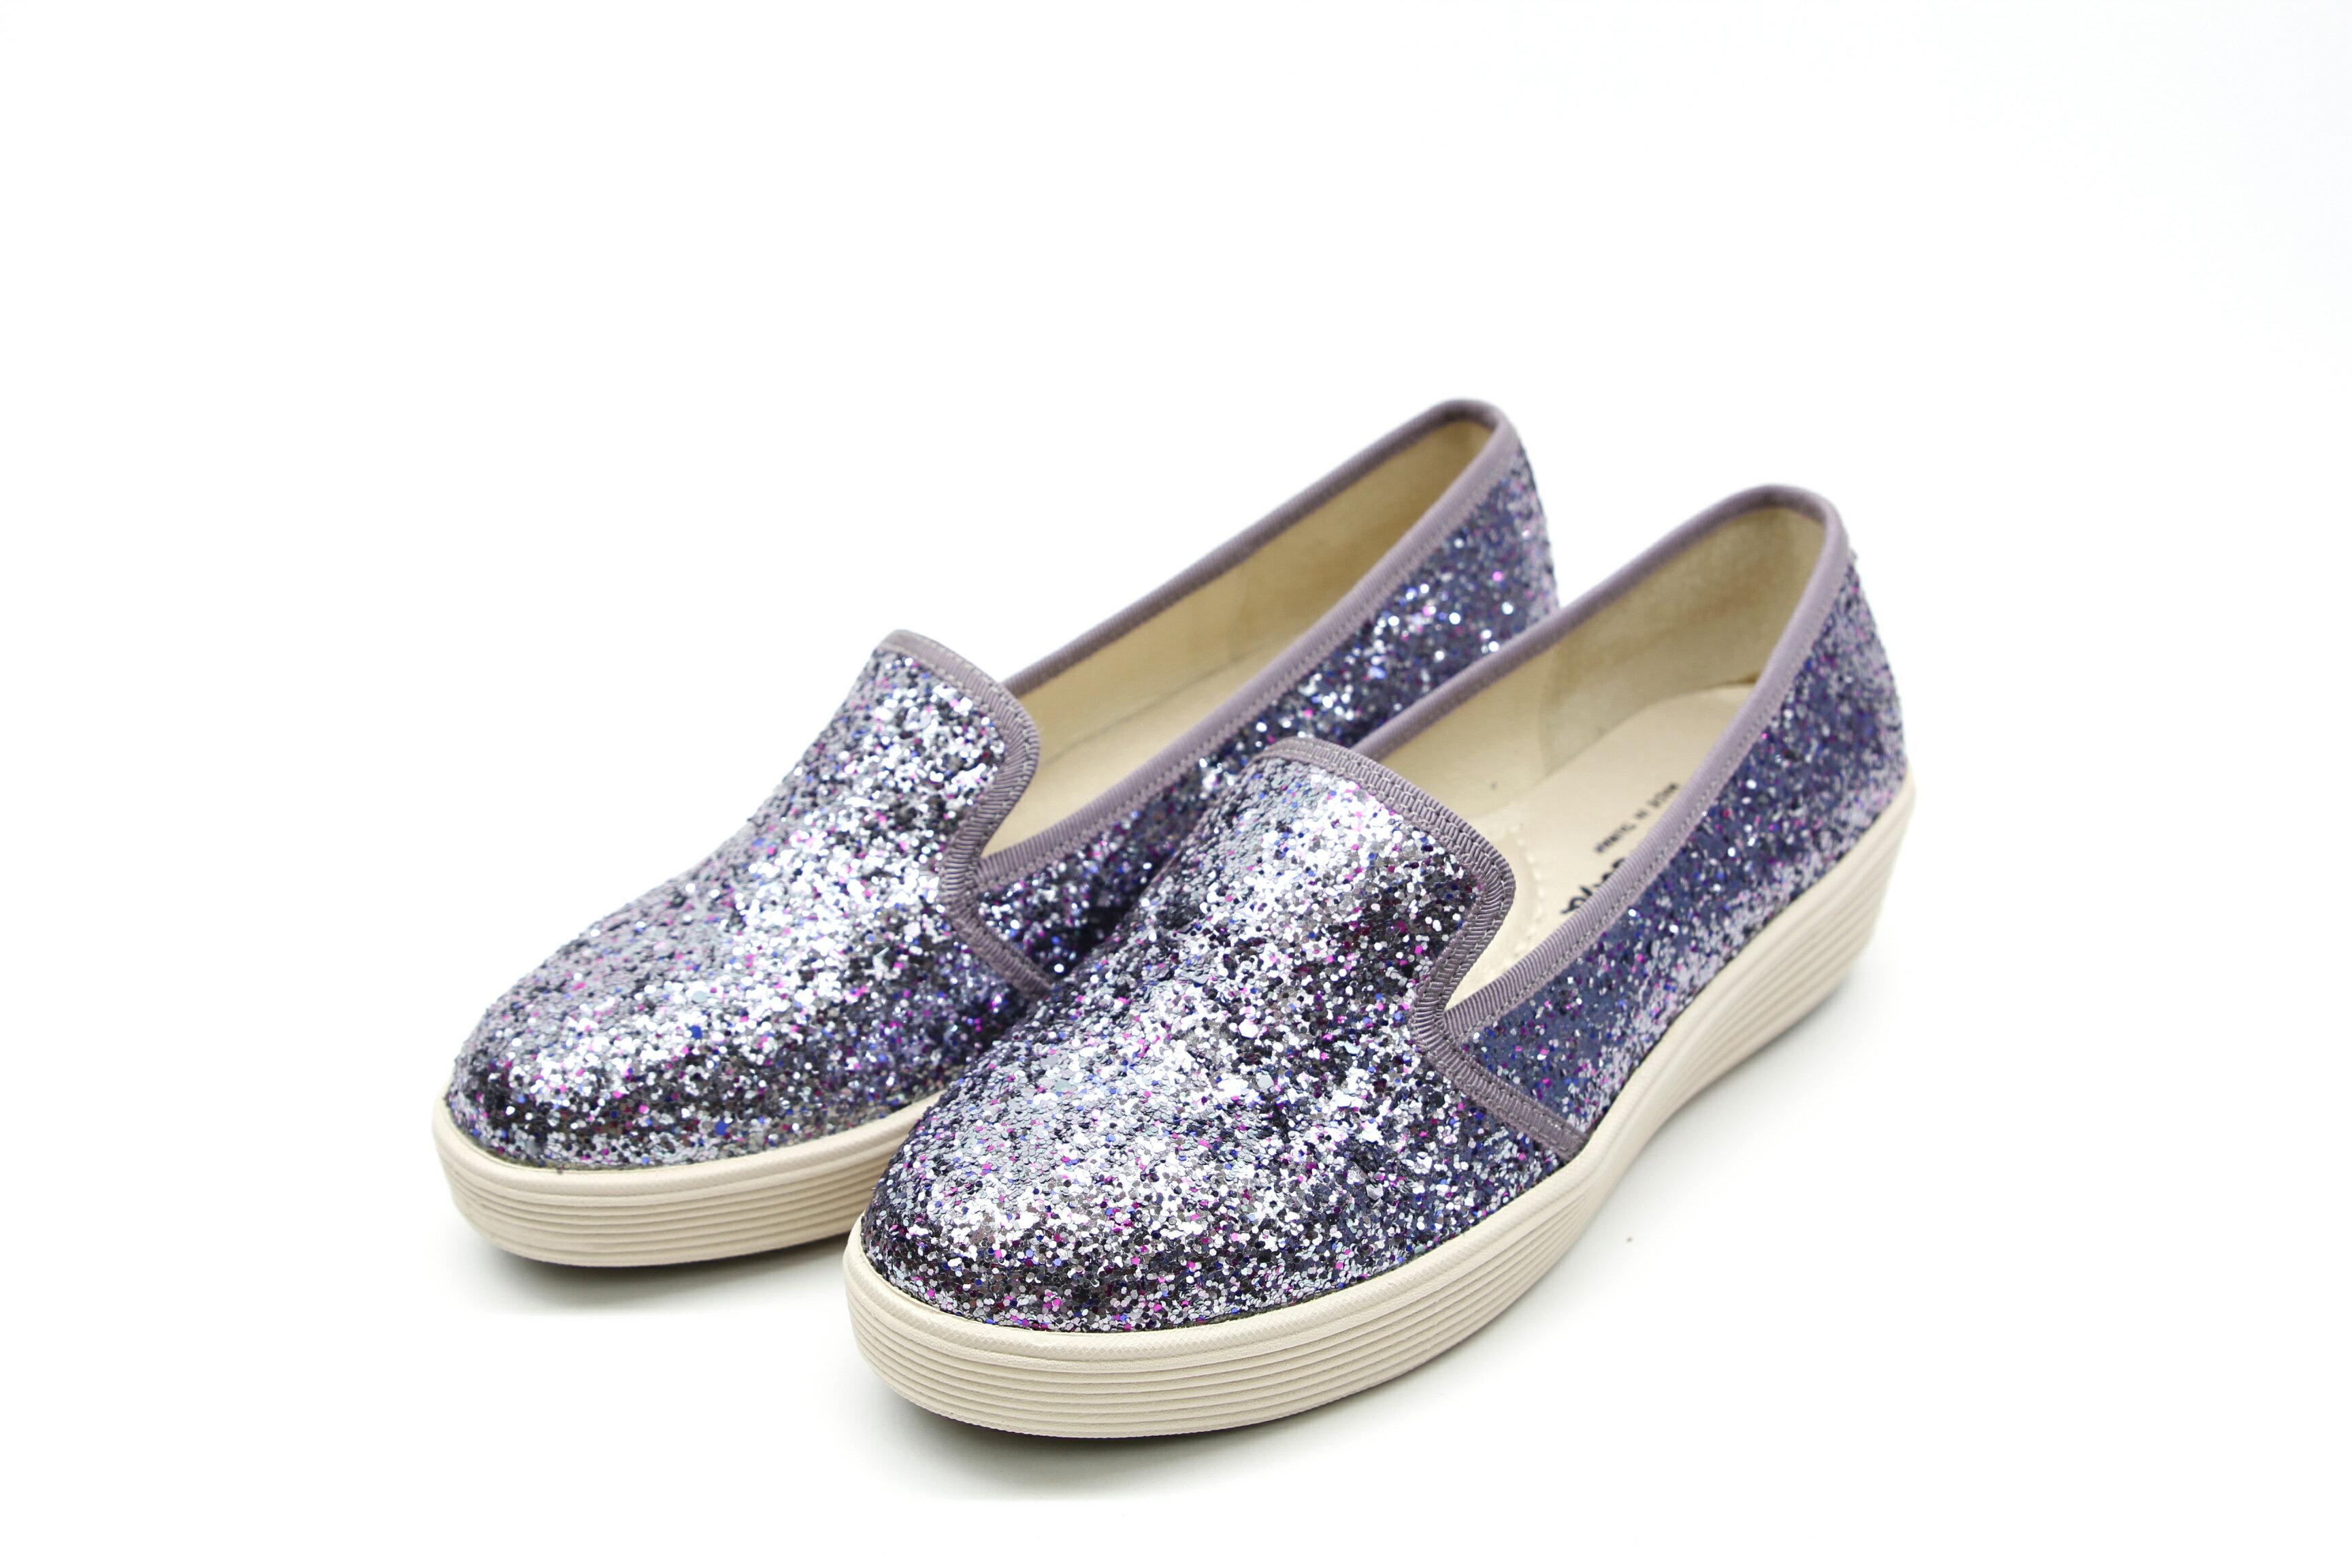 Aimez La Vie 超輕氣墊鞋 低調奢華鑽面真皮內裡腳窩樂福厚底休閒鞋